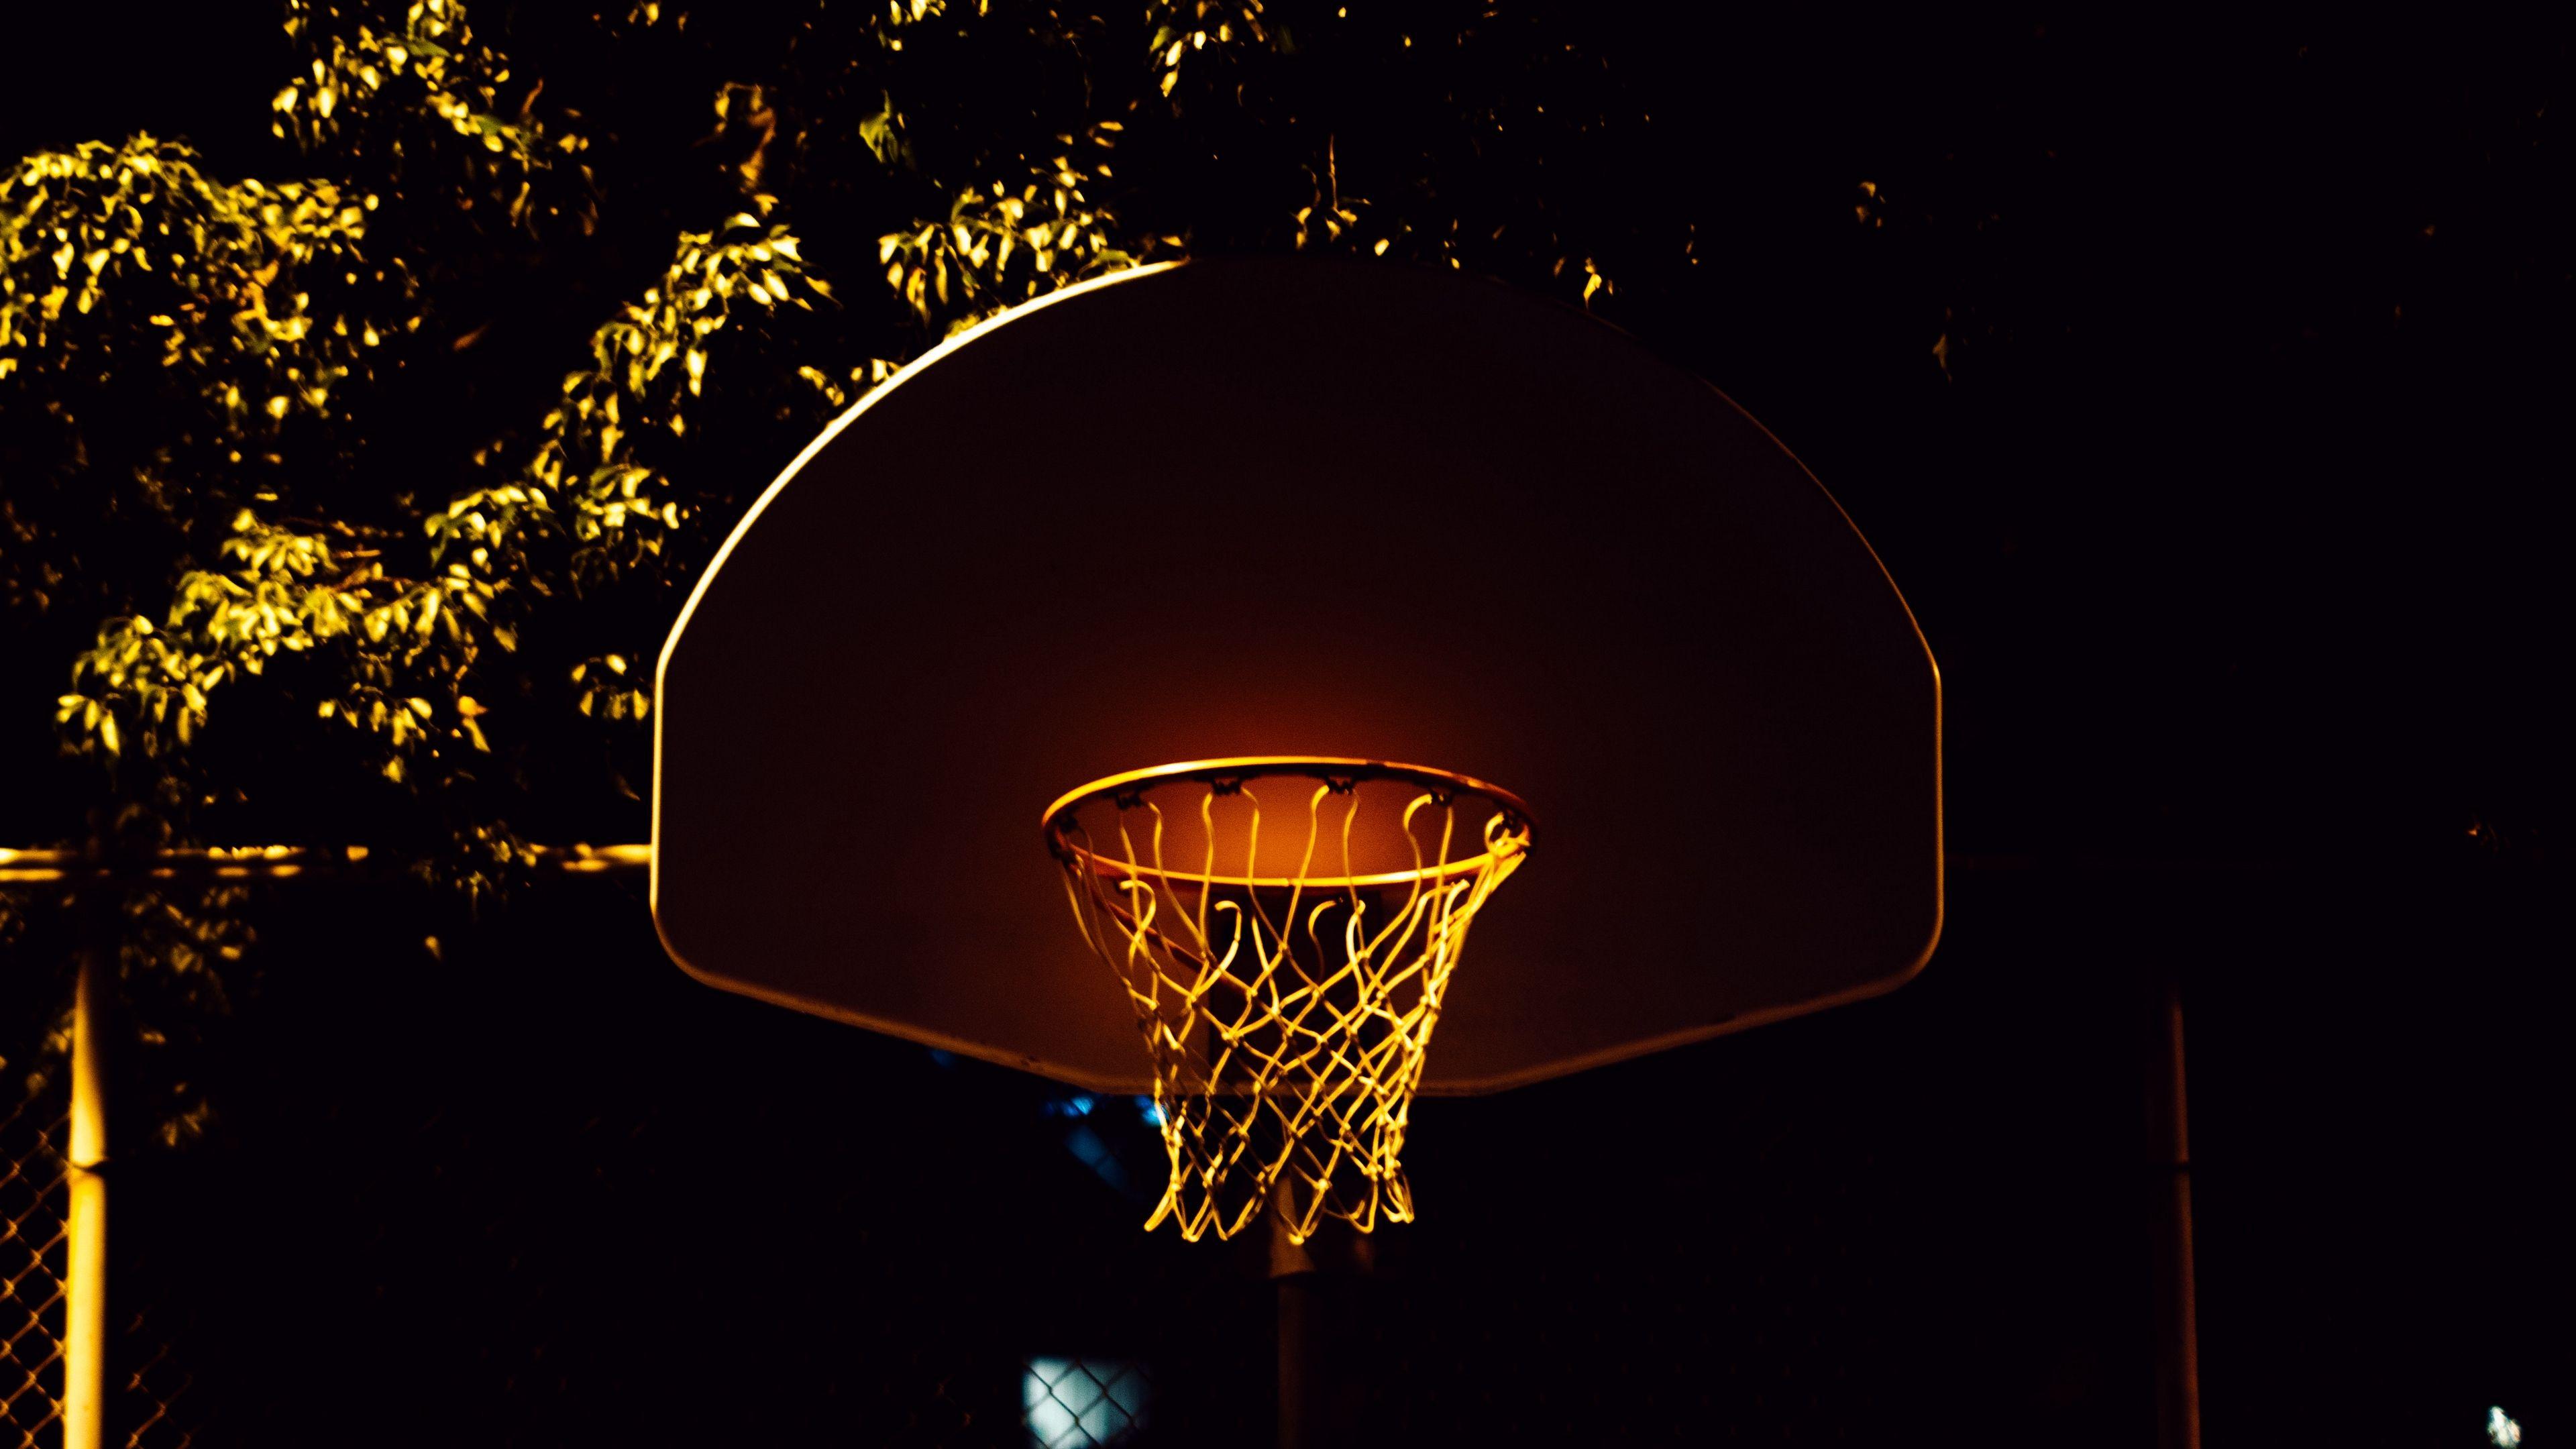 basketball hoop hd background wallpaper 70056